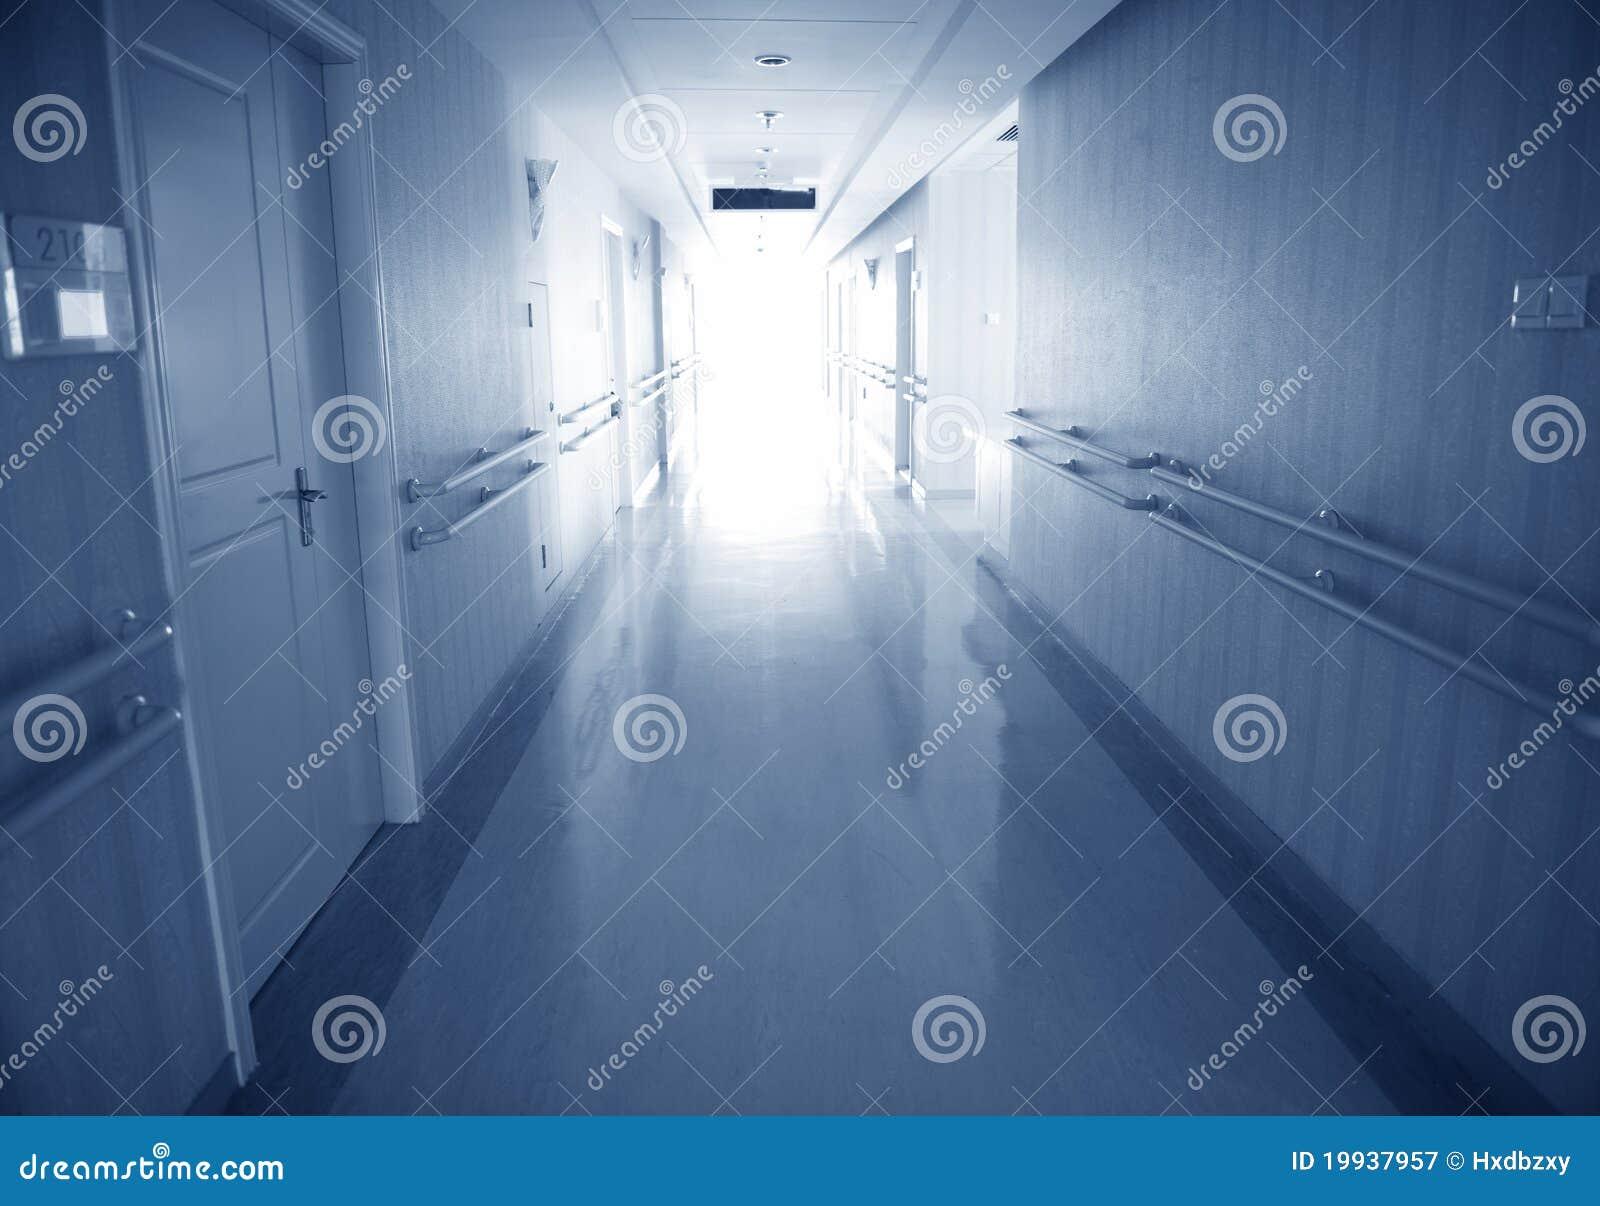 Photographie stock libre de droits: couloir